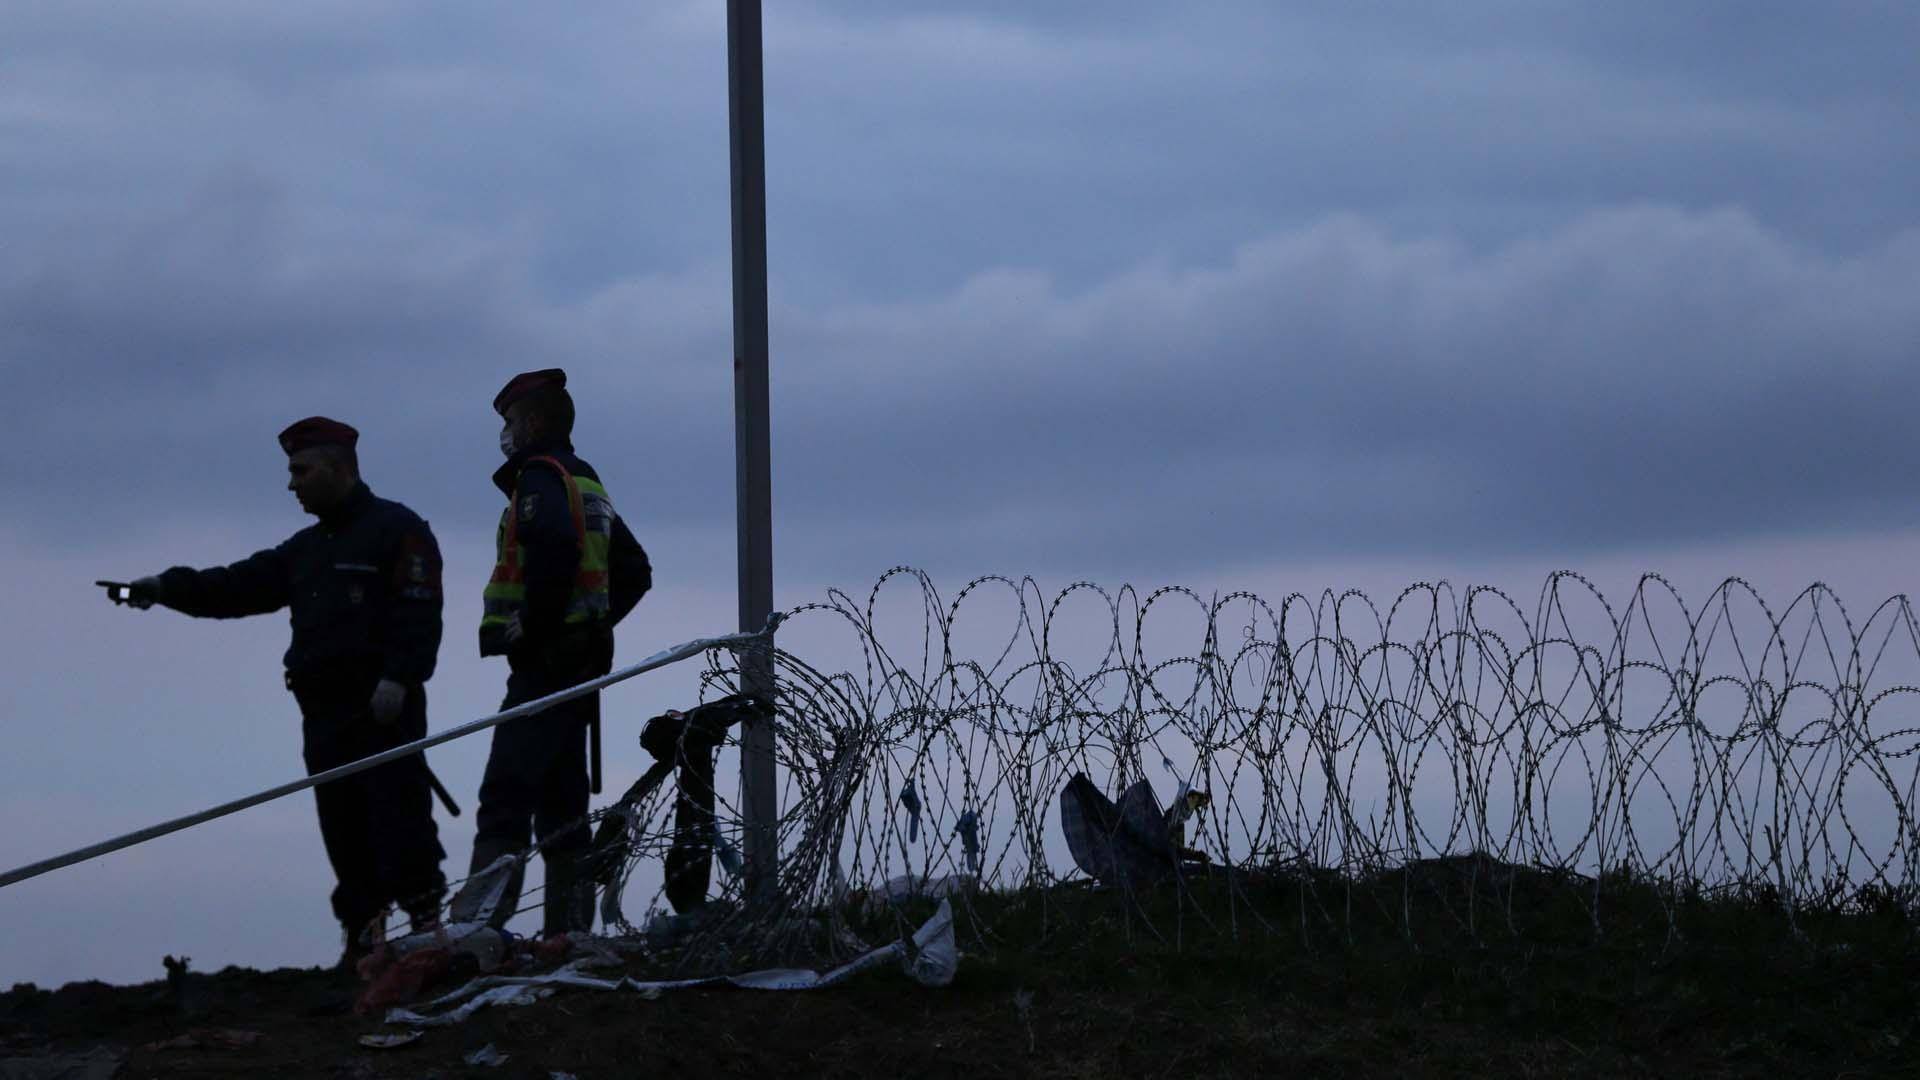 Refugiados deberán buscar vías alternas para poder llegar a Europa occidental